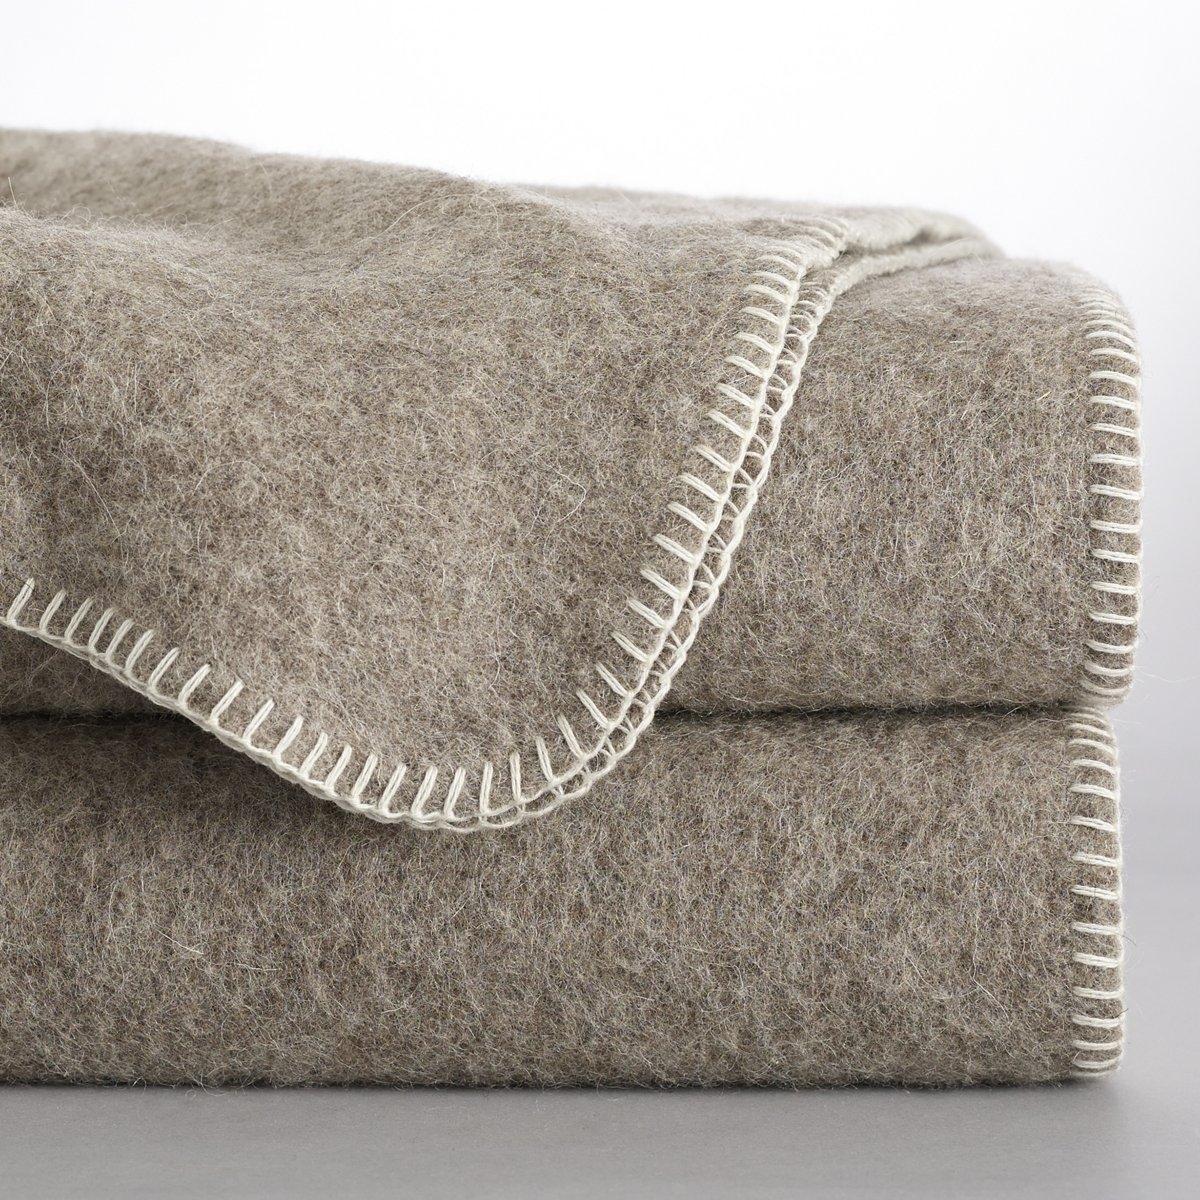 Покрывало 100% шерсти с использованием натуральных красителей, RomuХарактеристики однотонного шерстяного одеяла Romu                                        Экологически чистое производство : без искусственной окраски. Окраска производилась без химической обработки.           100% шерсти     Производство: Франция           Края обработаны однотонными нитками.<br><br>Цвет: бежевый,экрю<br>Размер: 180 x 220  см.180 x 220  см